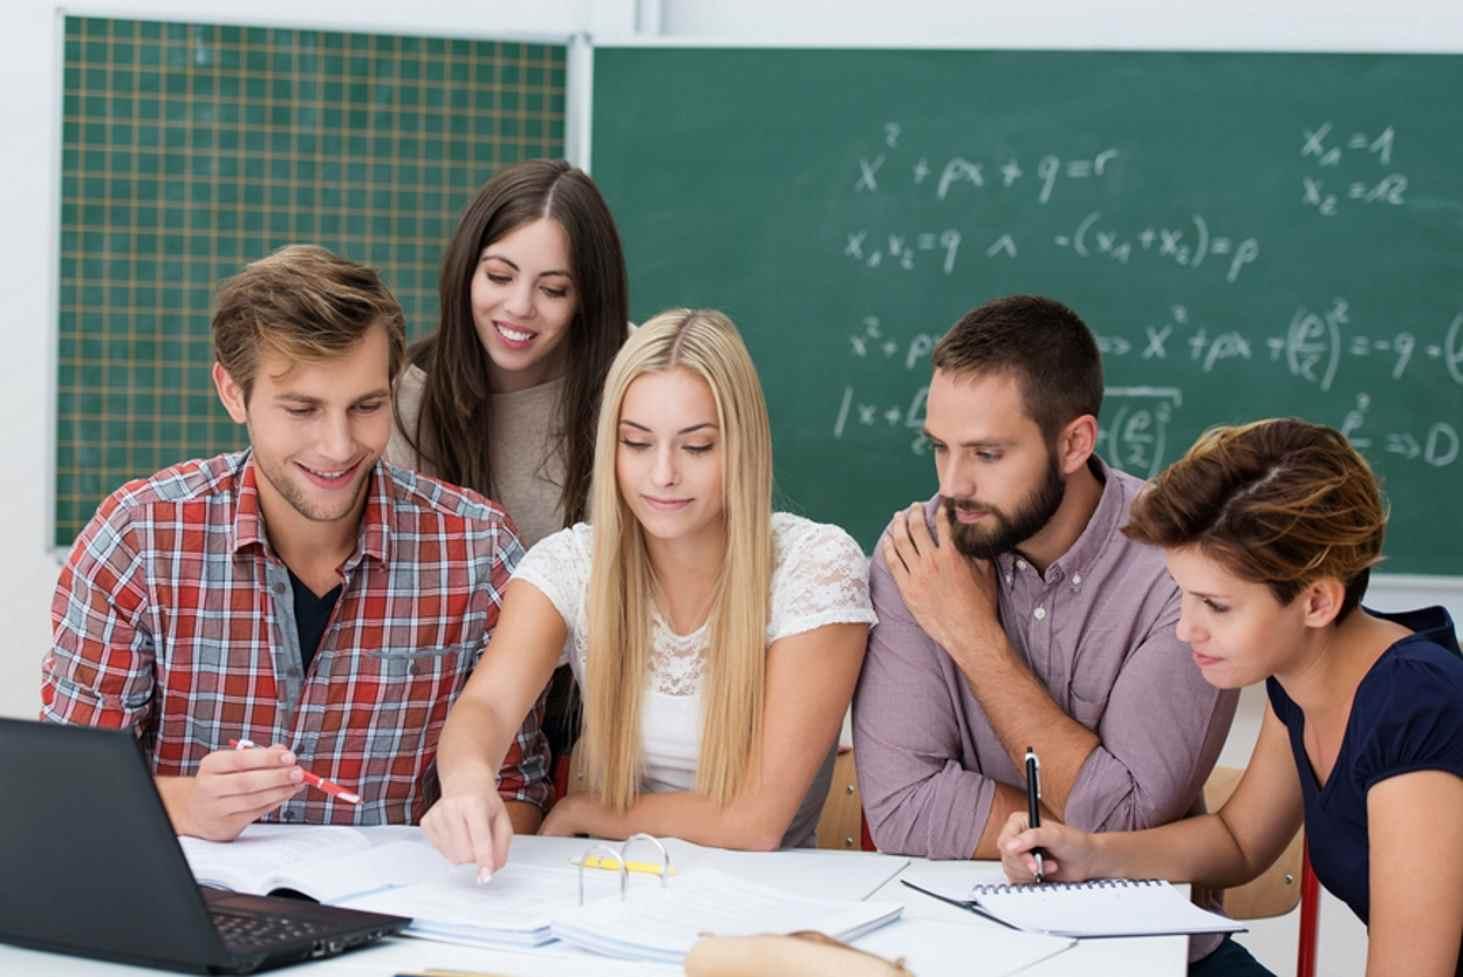 letnij-intensiv-dlya-pedagogov-ot-moego-universiteta-eto-otlichnyj-sposob-uglubit-znaniya-sekonomiv-dengi-i-vremya